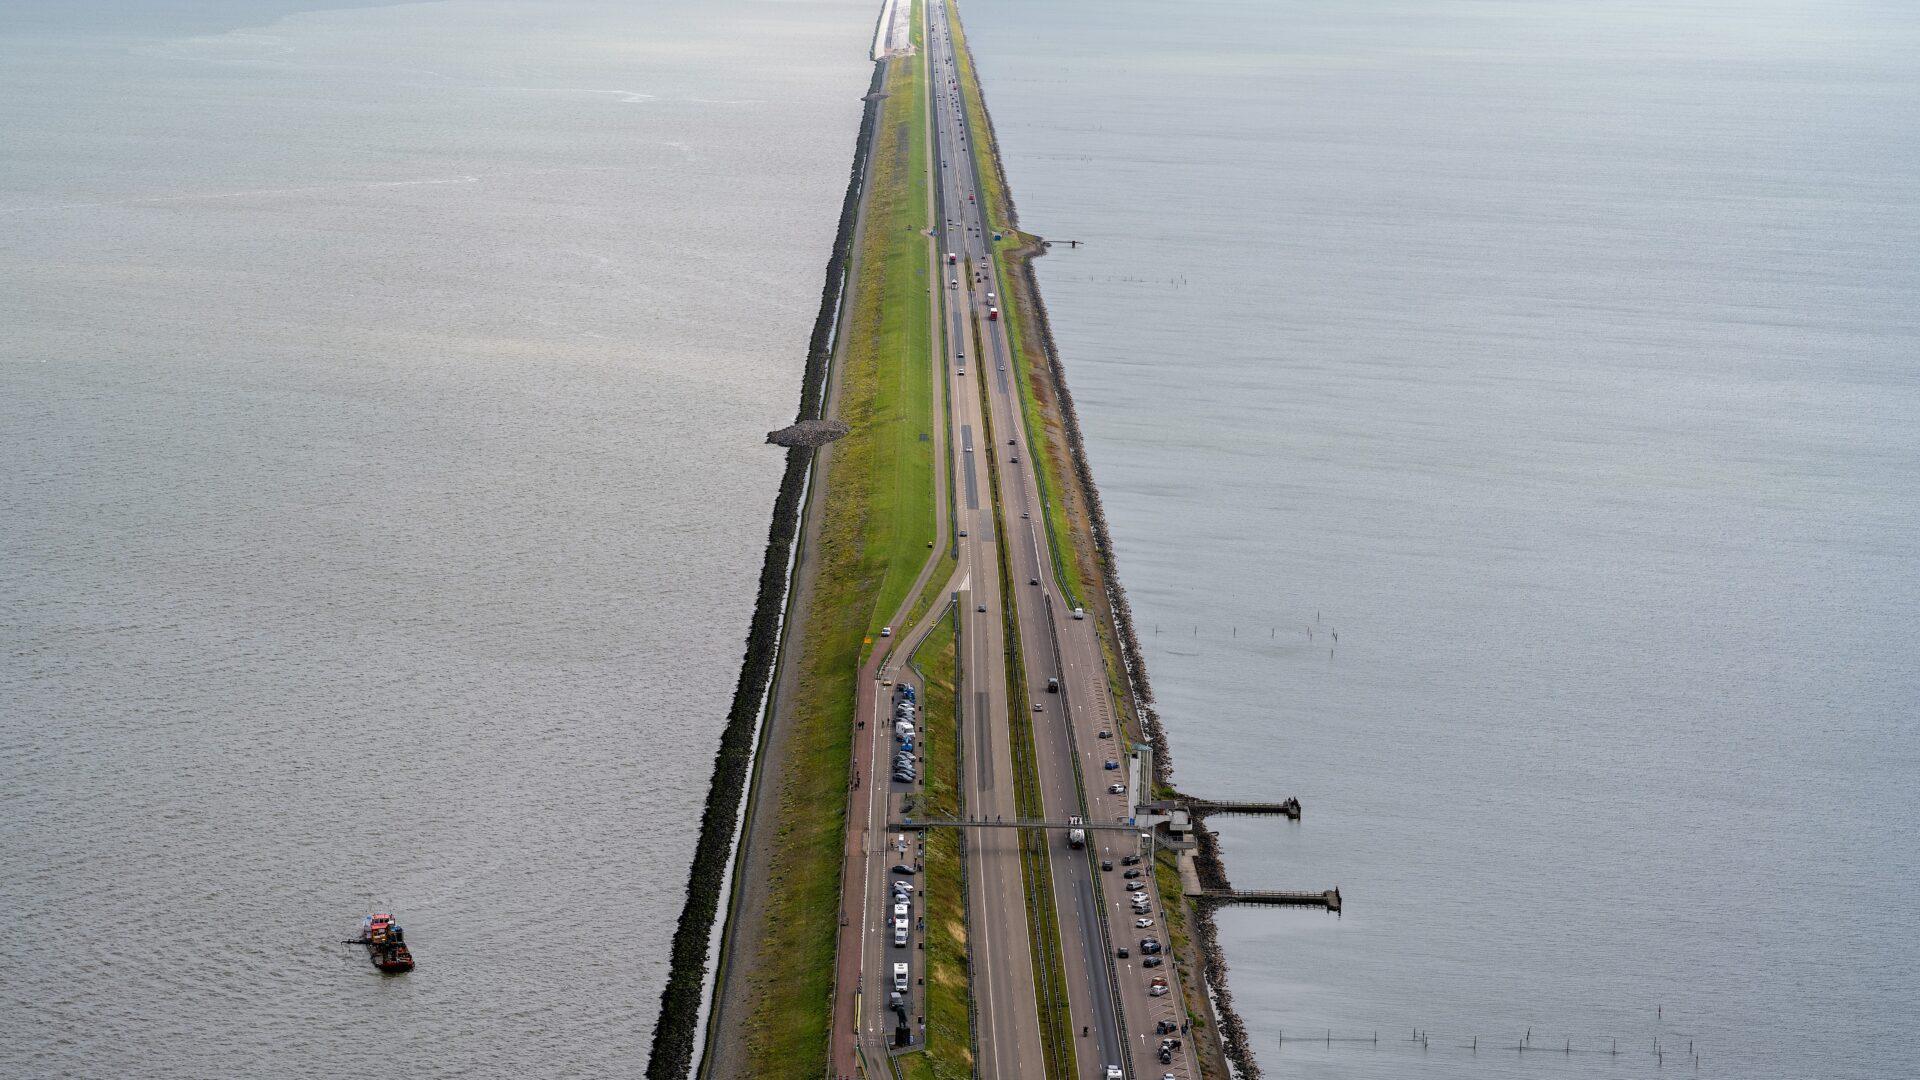 Uitzicht van boven op de Afsluitdijk. We zien een lange strook weg.